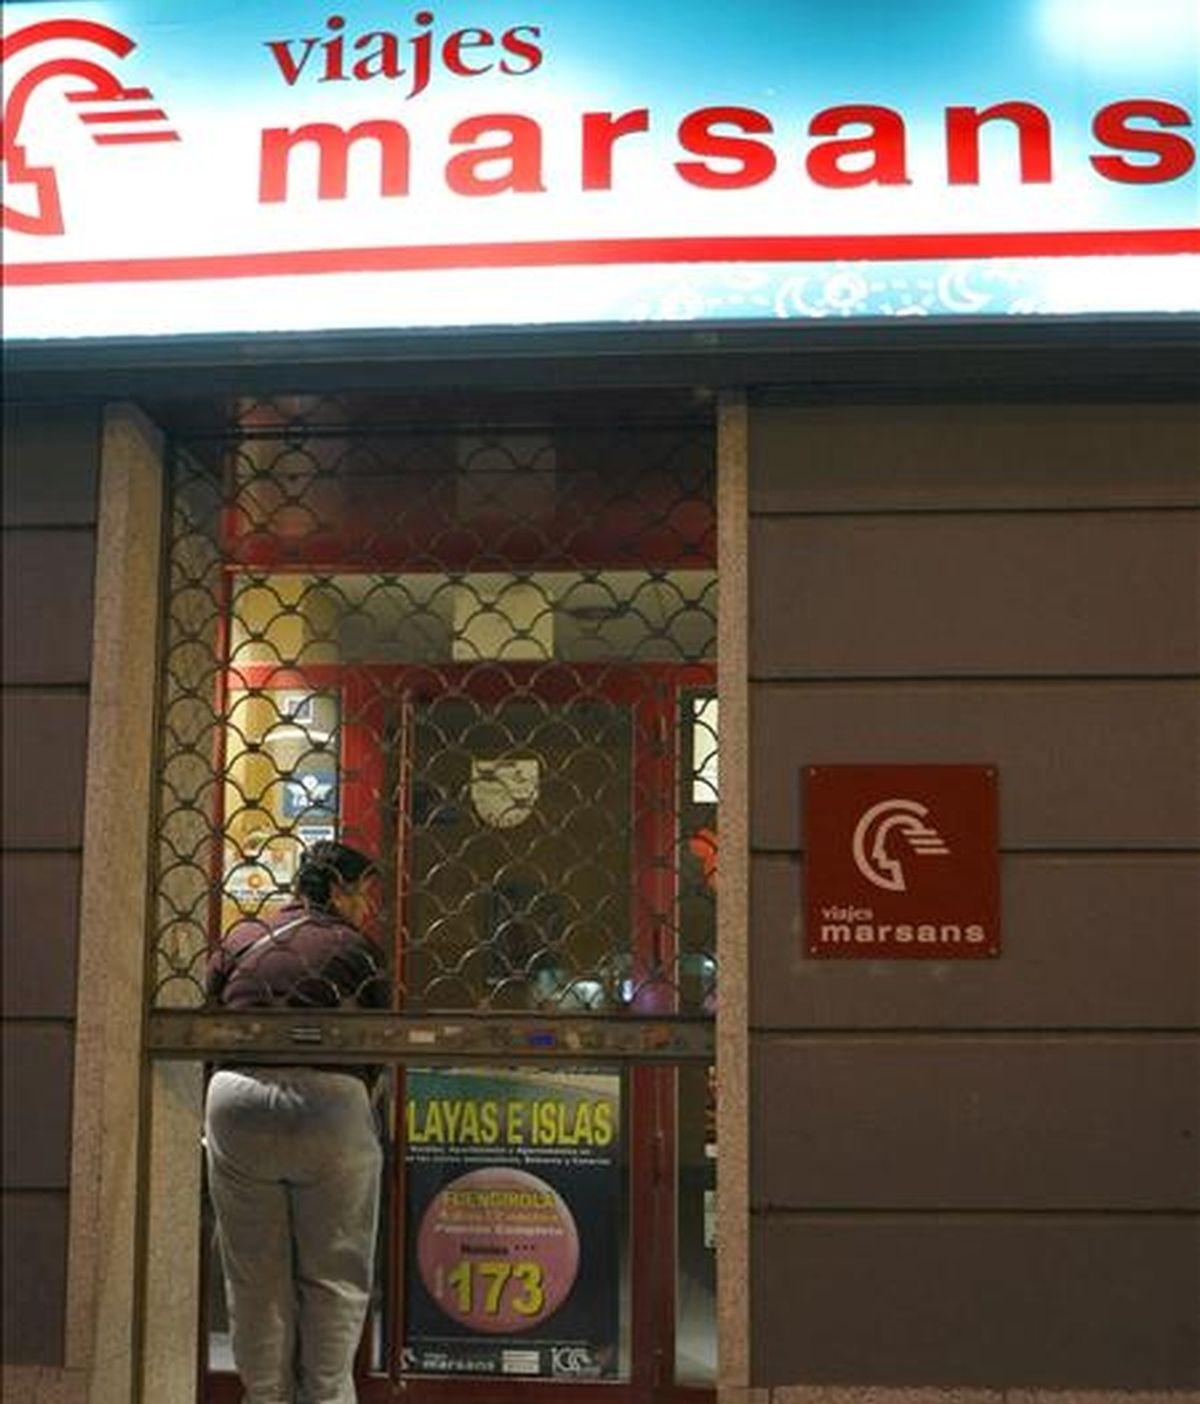 Una agencia de Viajes Marsans en el centro de Madrid. EFE/Archivo